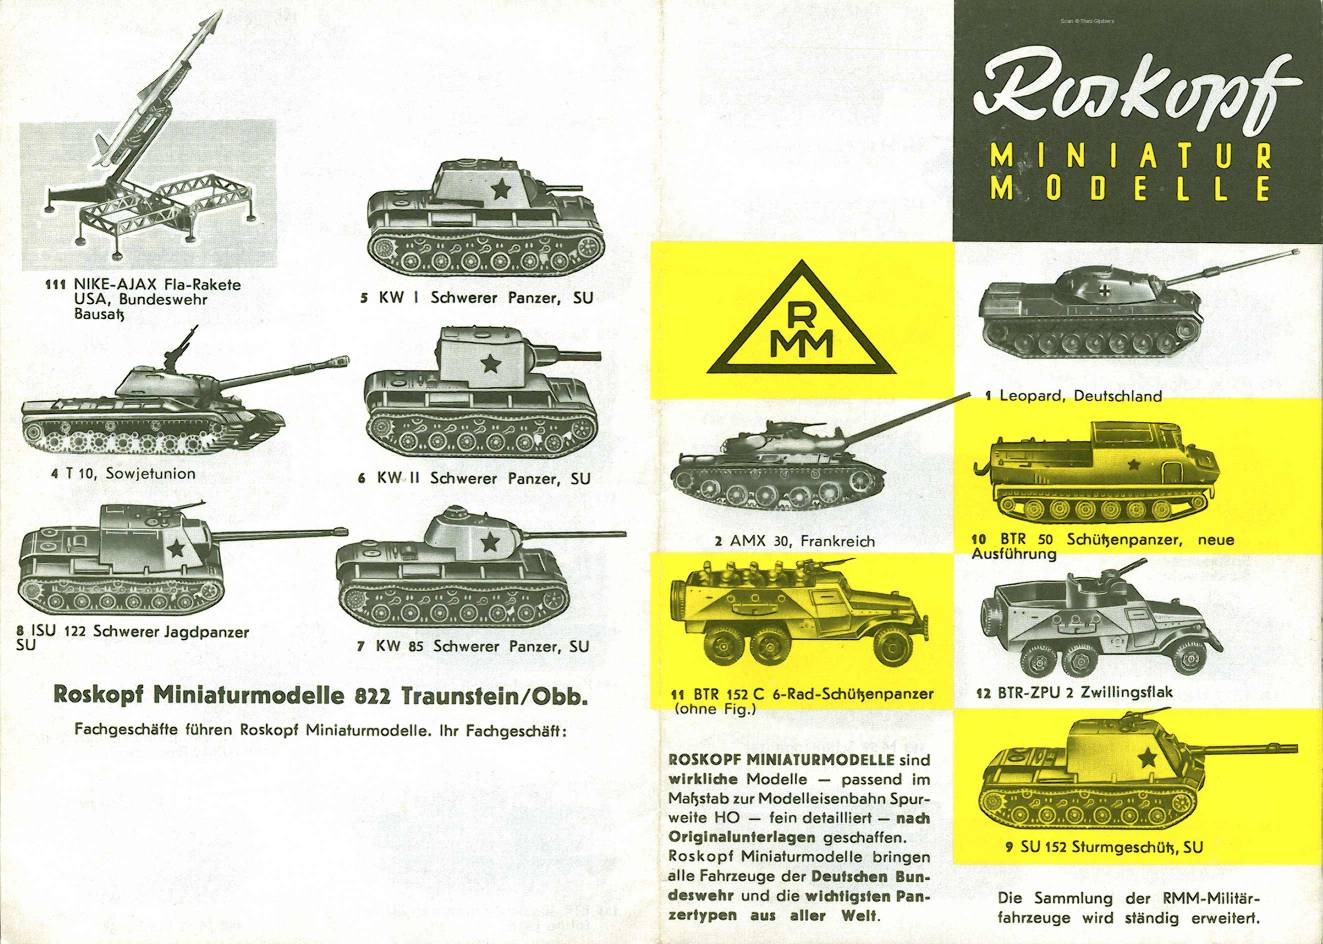 catalogue für KW und SU panzer